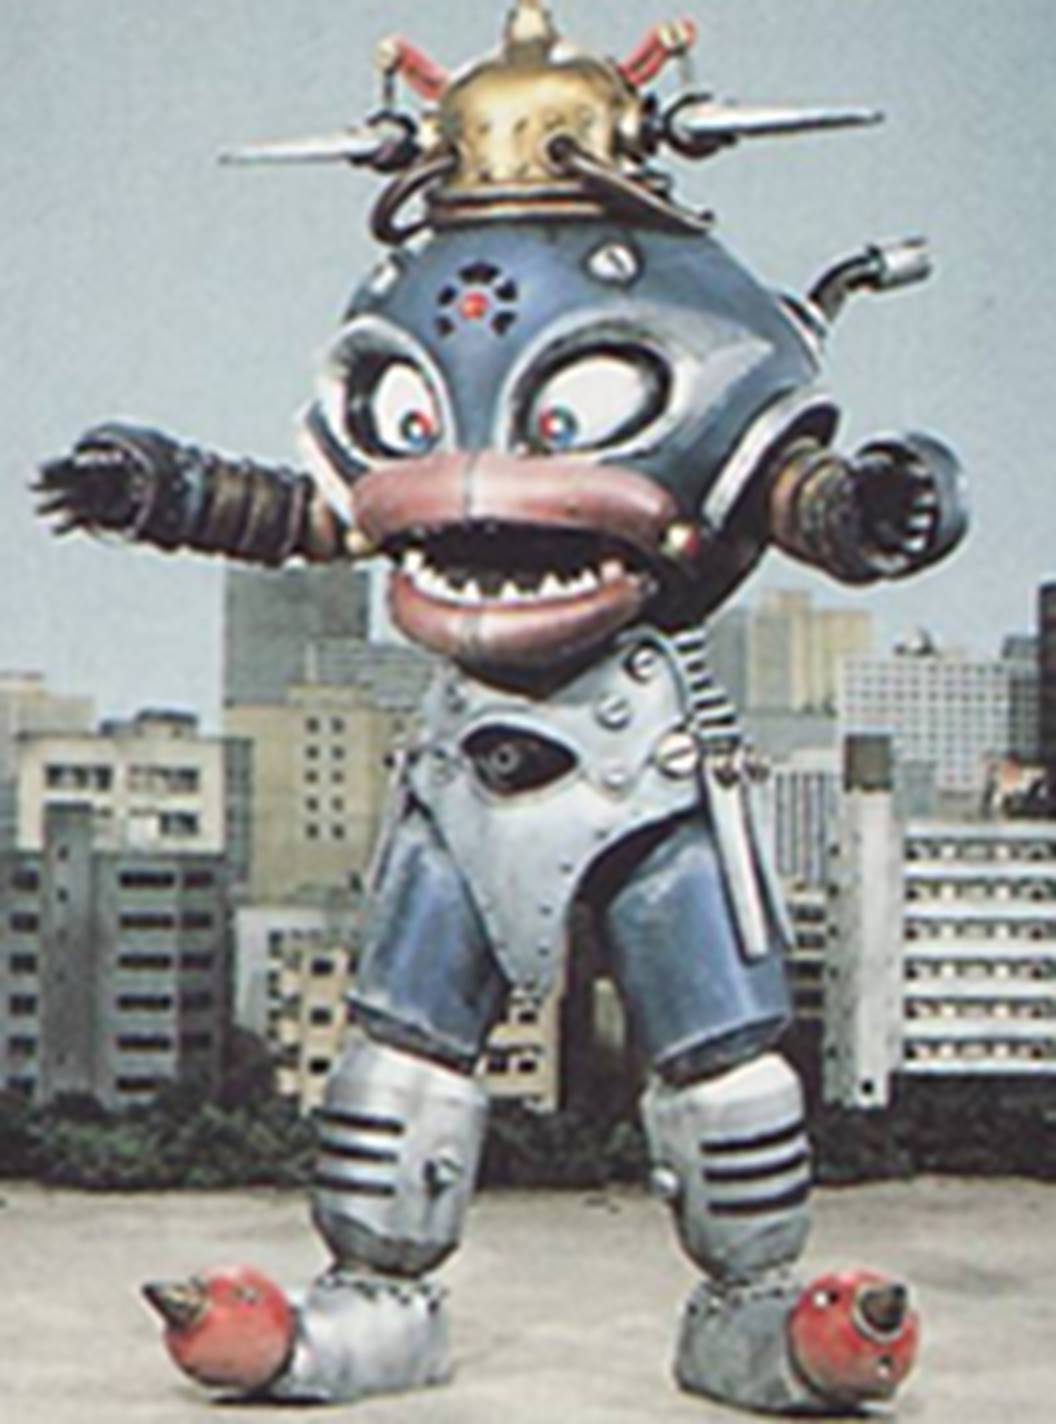 Googleheimer the Toy Robot